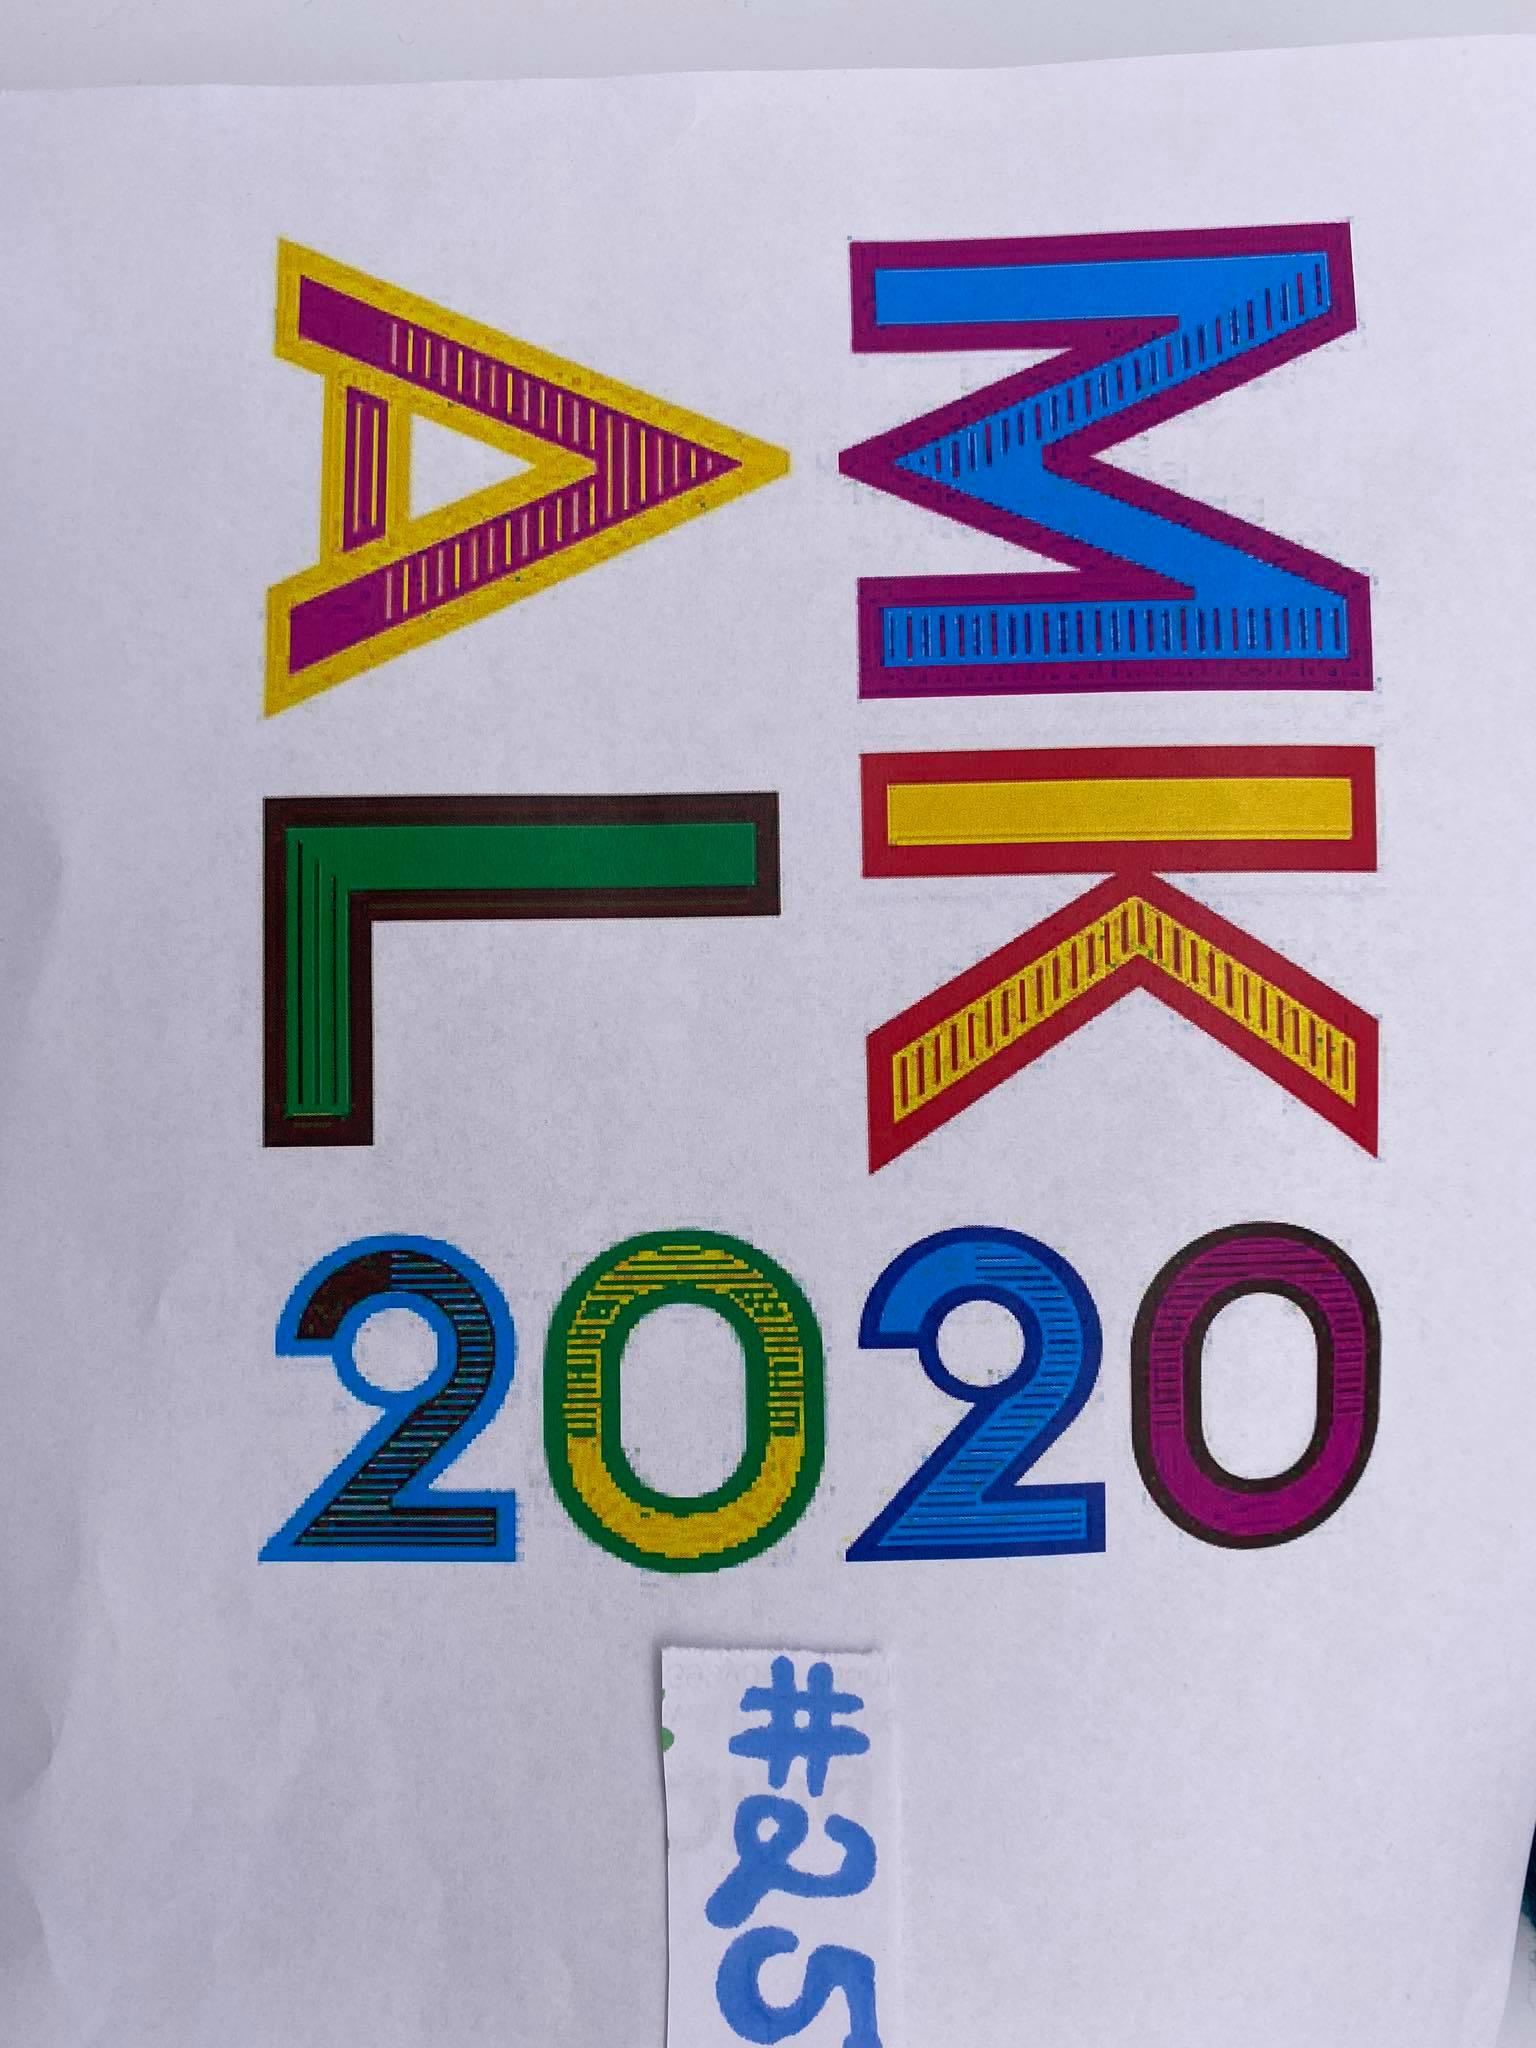 Woll Set Stephen West MKAL Slipstravaganza  #25